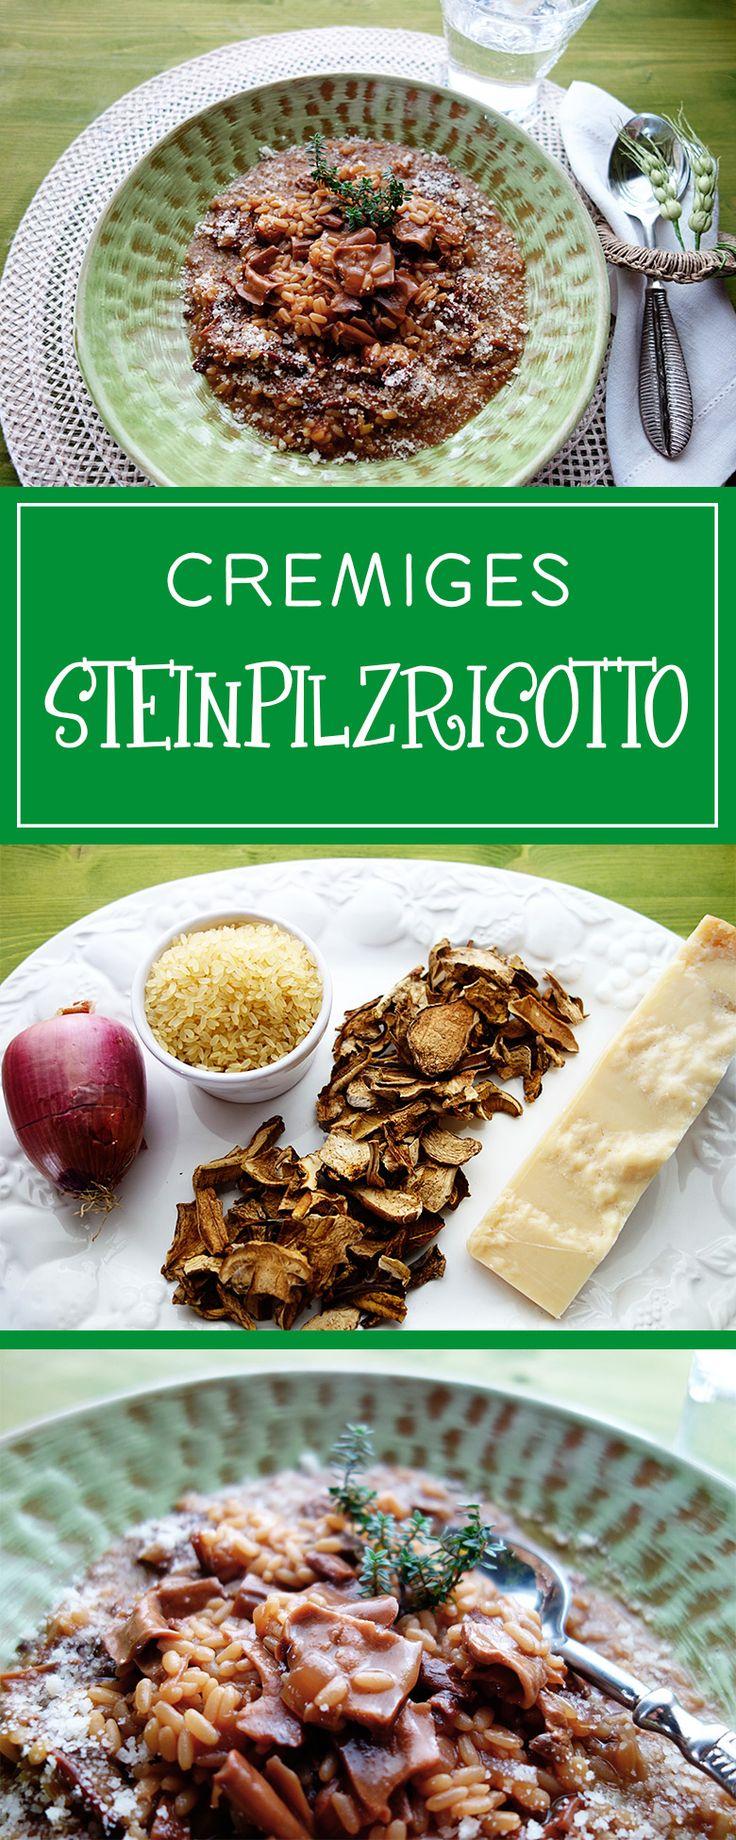 Cremiges Steinpilzrisotto - einfach gemacht & ein beeindruckendes Gericht, das dank getrockneter Steinpilze in jede Jahreszeit passt. Herrlich italiensch!!  | cucina-con-amore.de